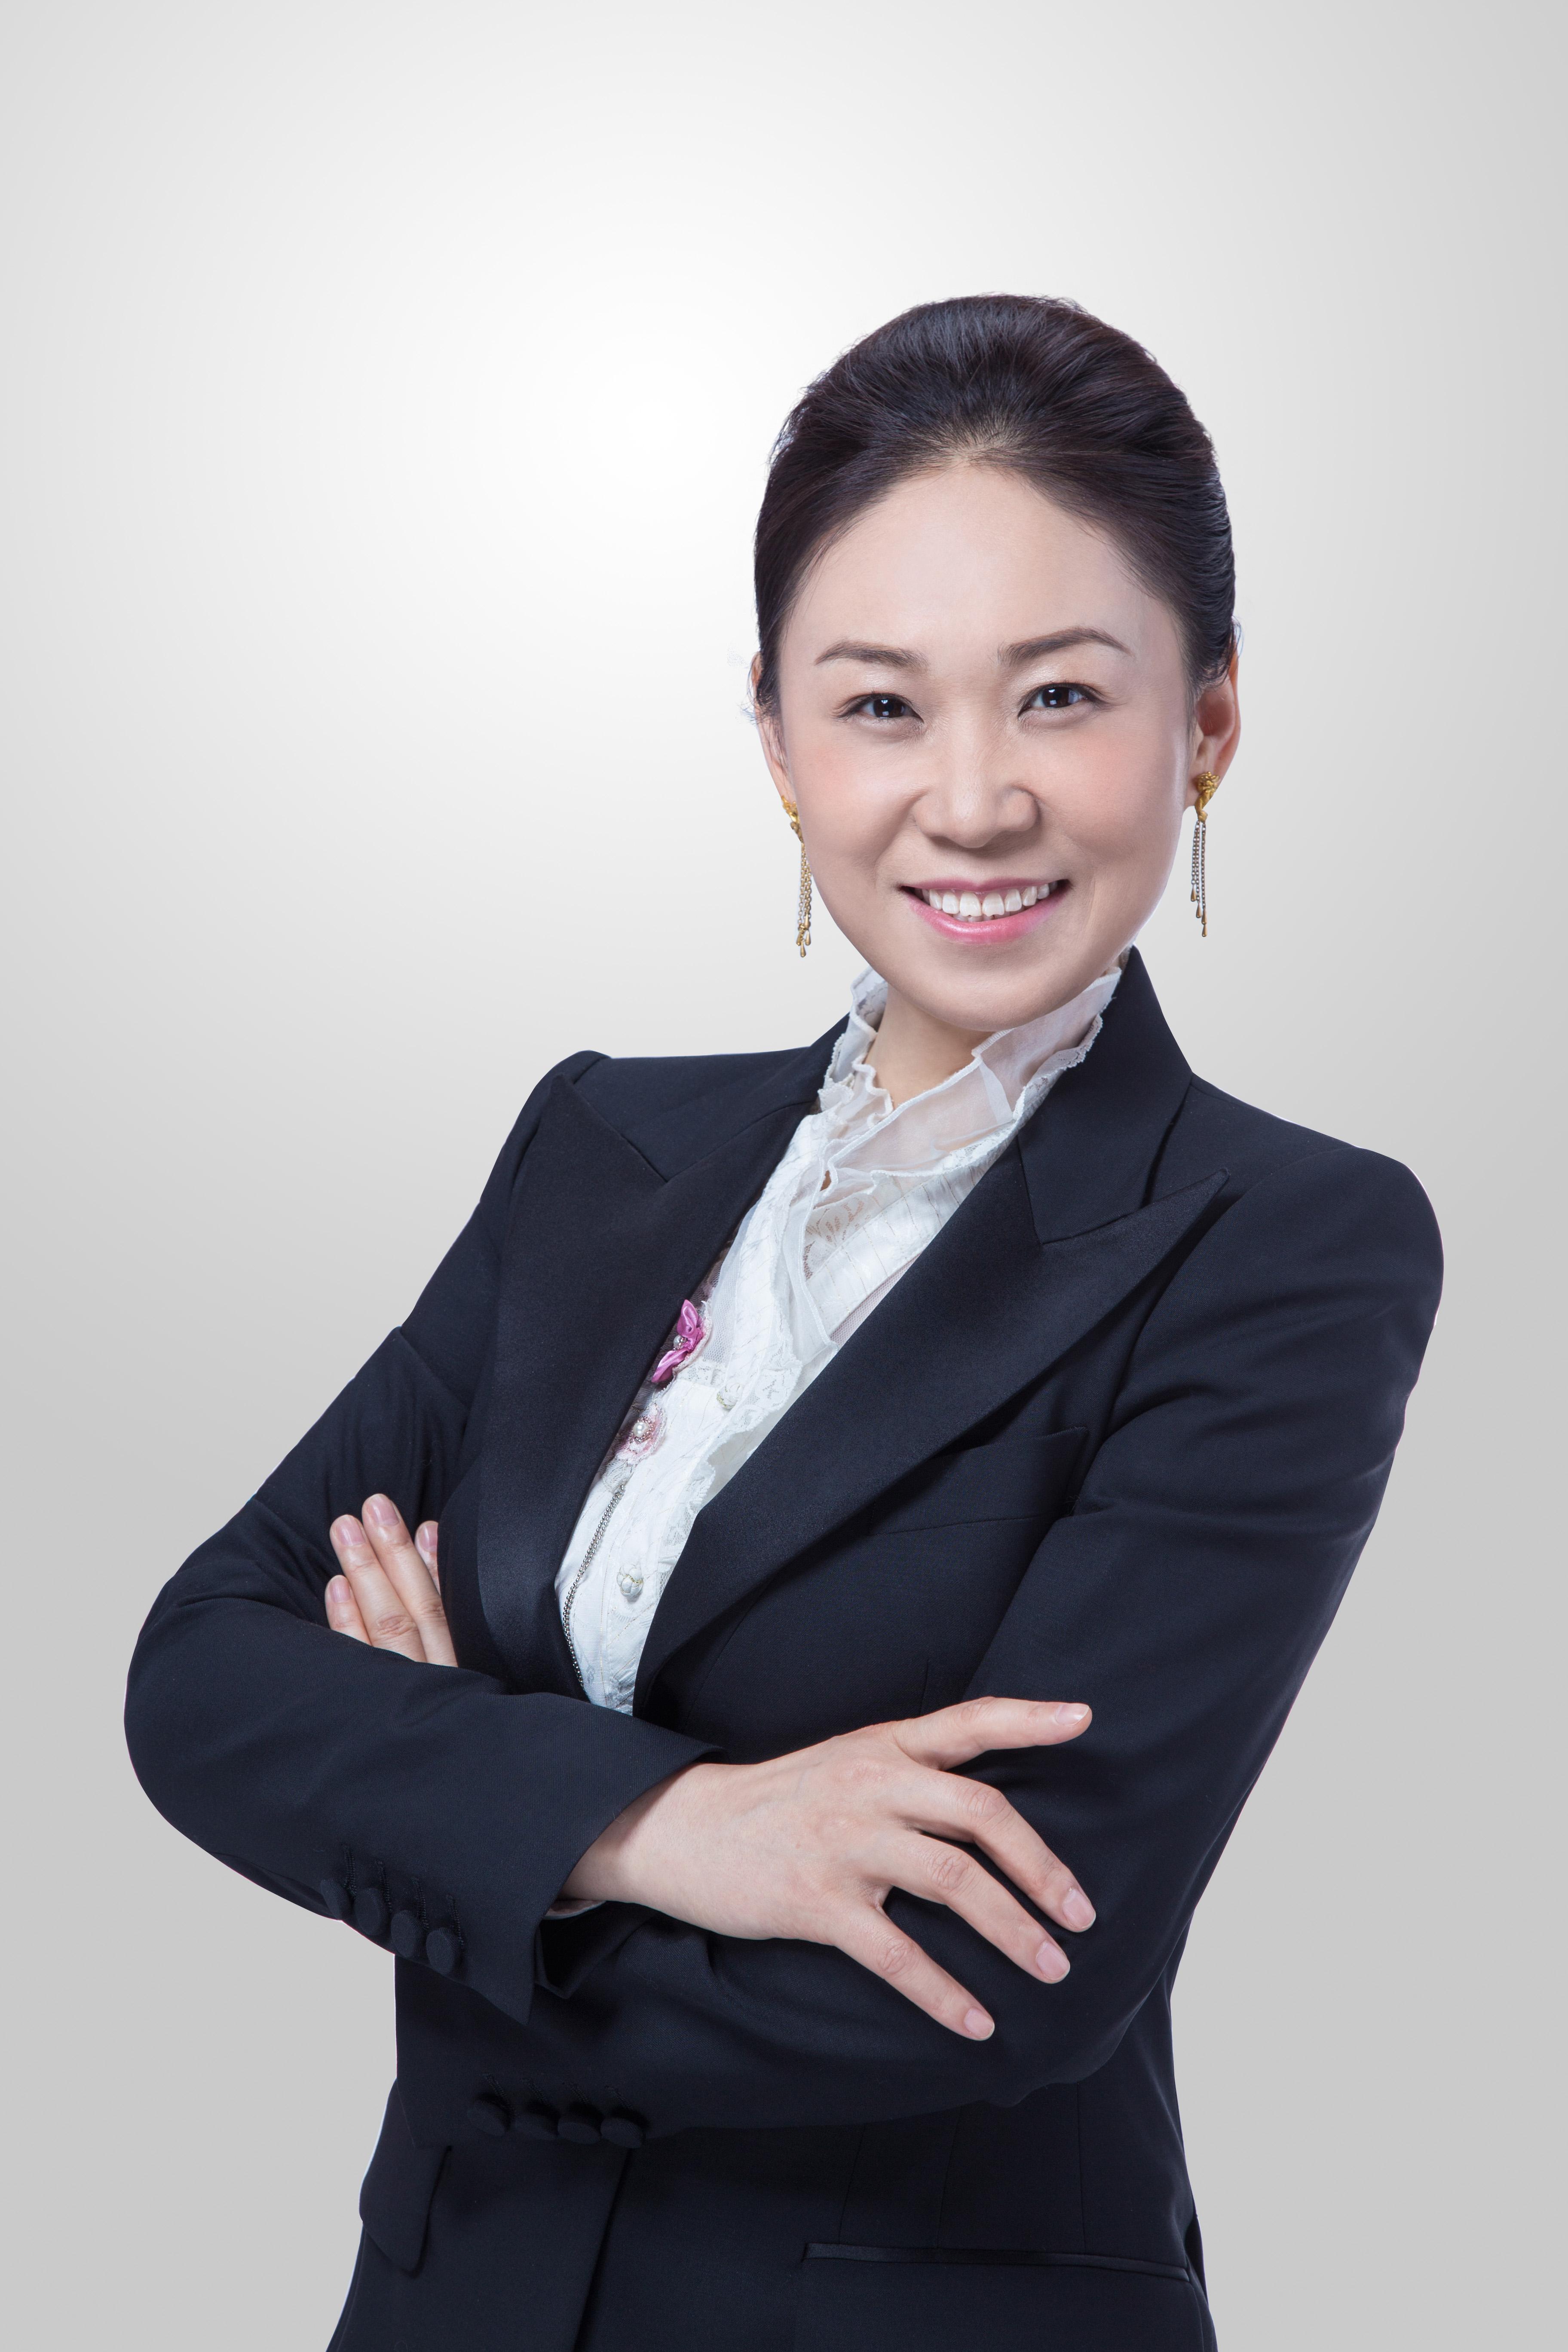 高特佳集团常务副总经理黄青照片